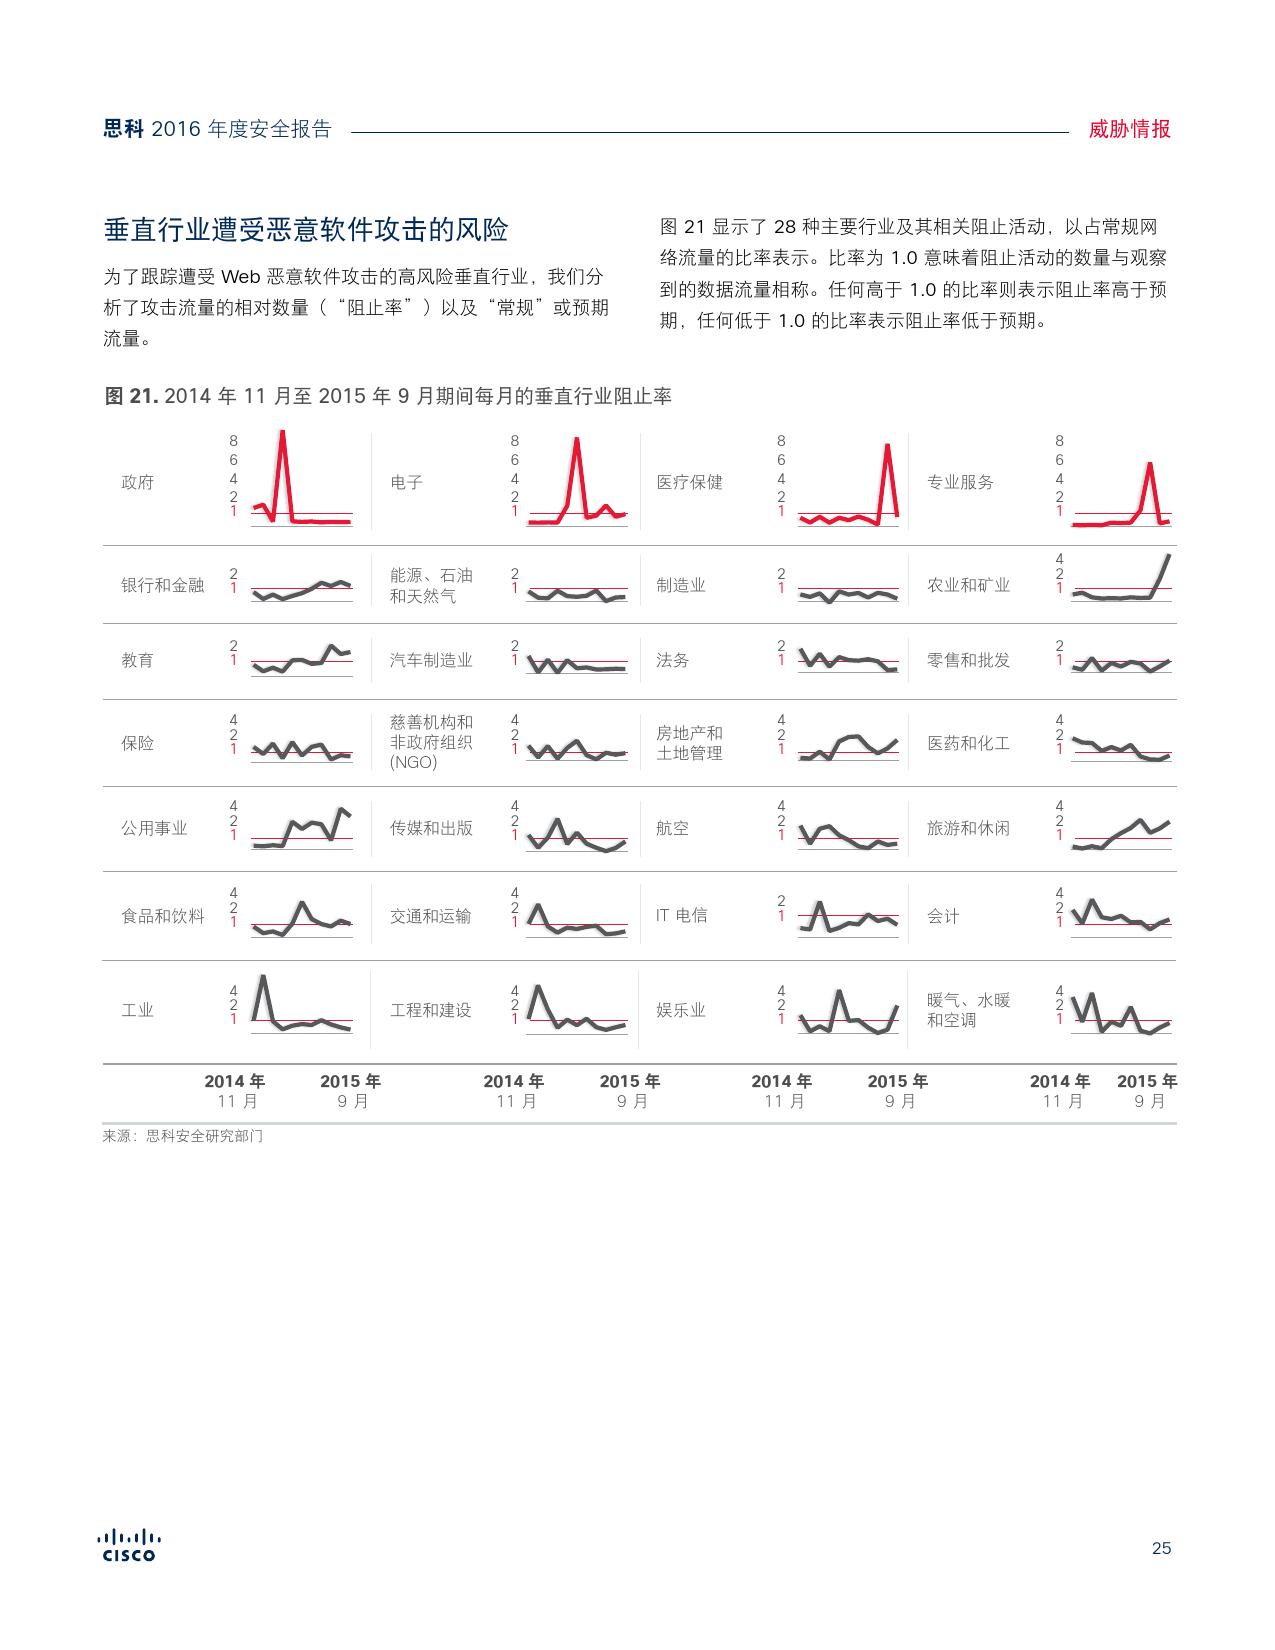 2016年中网络安全报告_000025